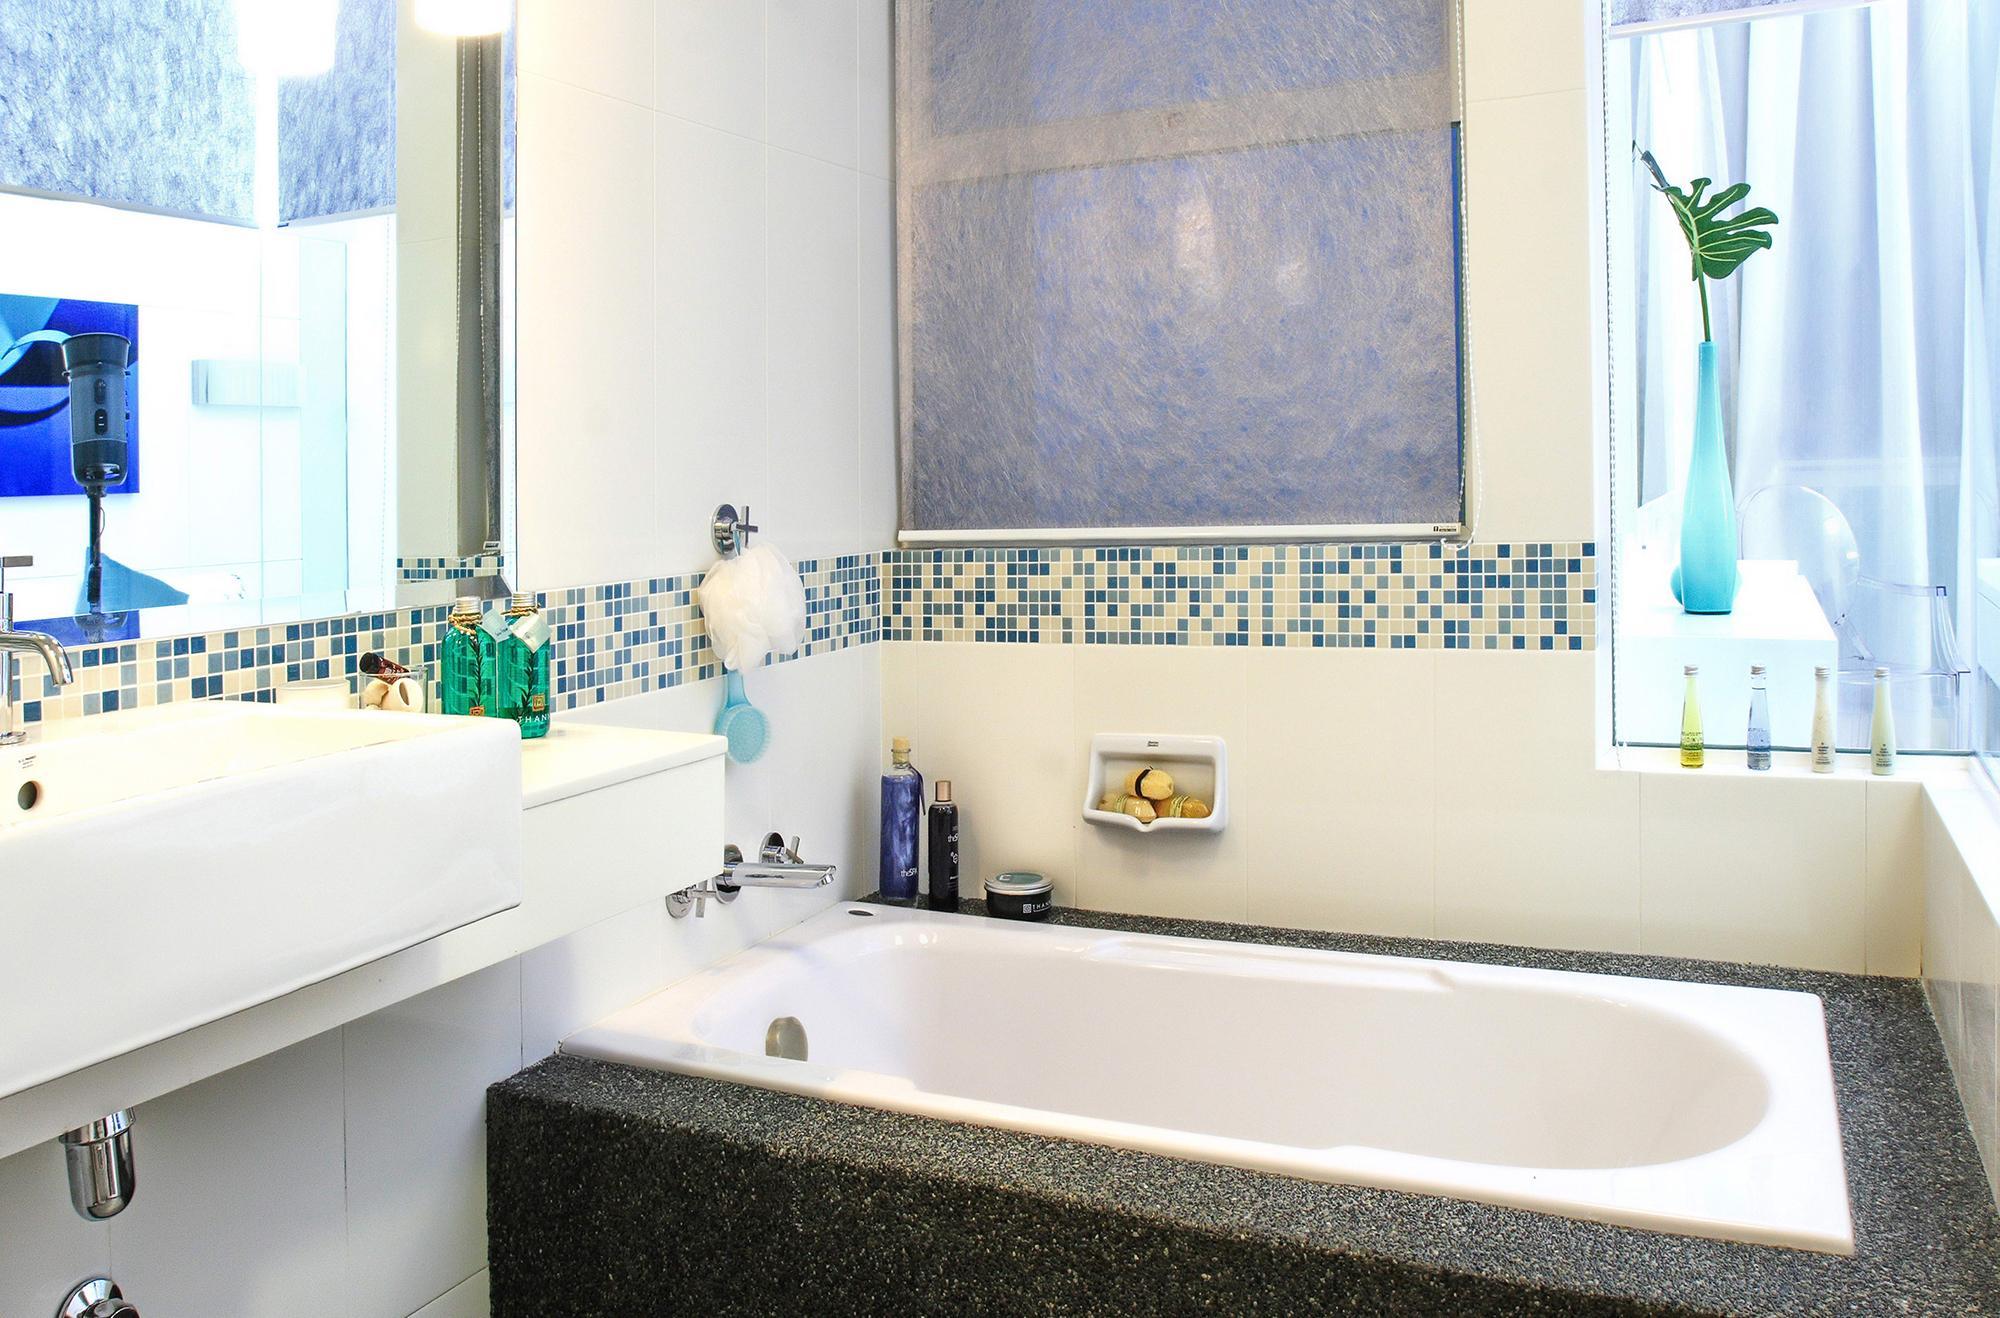 Ванная комната без унитаза с мозаикой